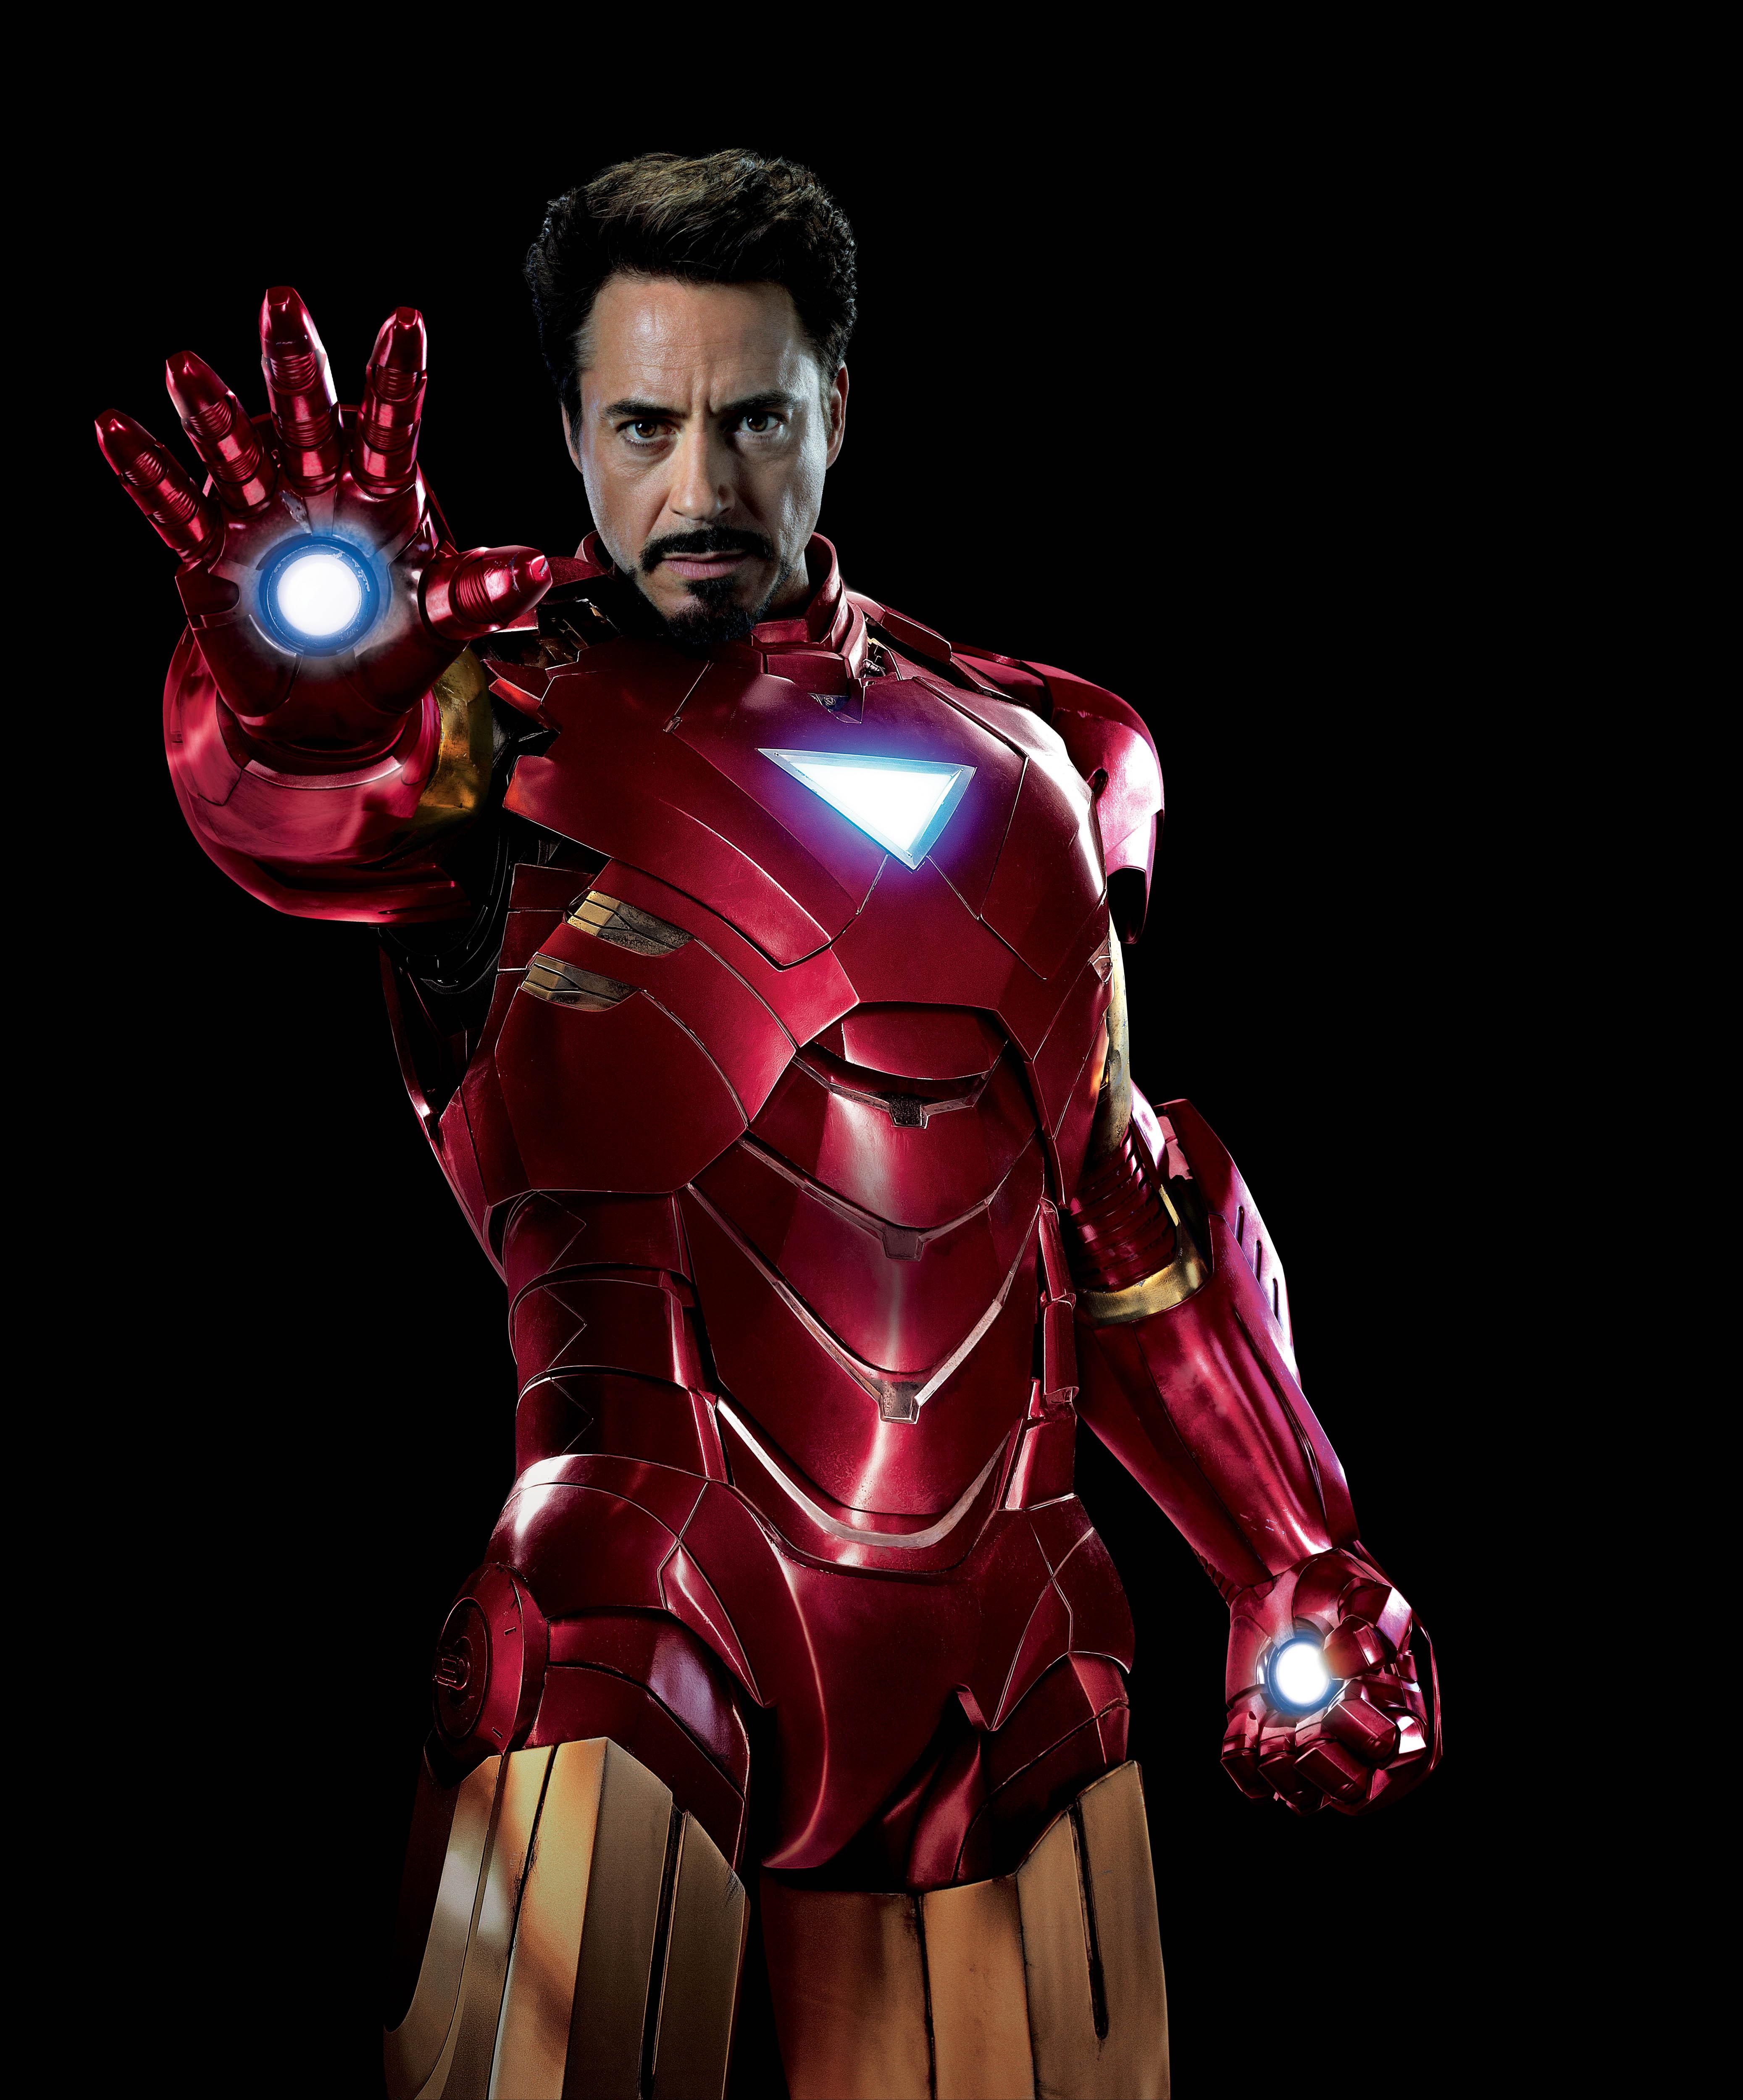 Image - Tony Stark AVENGERS.jpg - Marvel Movies Wiki ...  |Tony Stark Iron Man 2 Hair